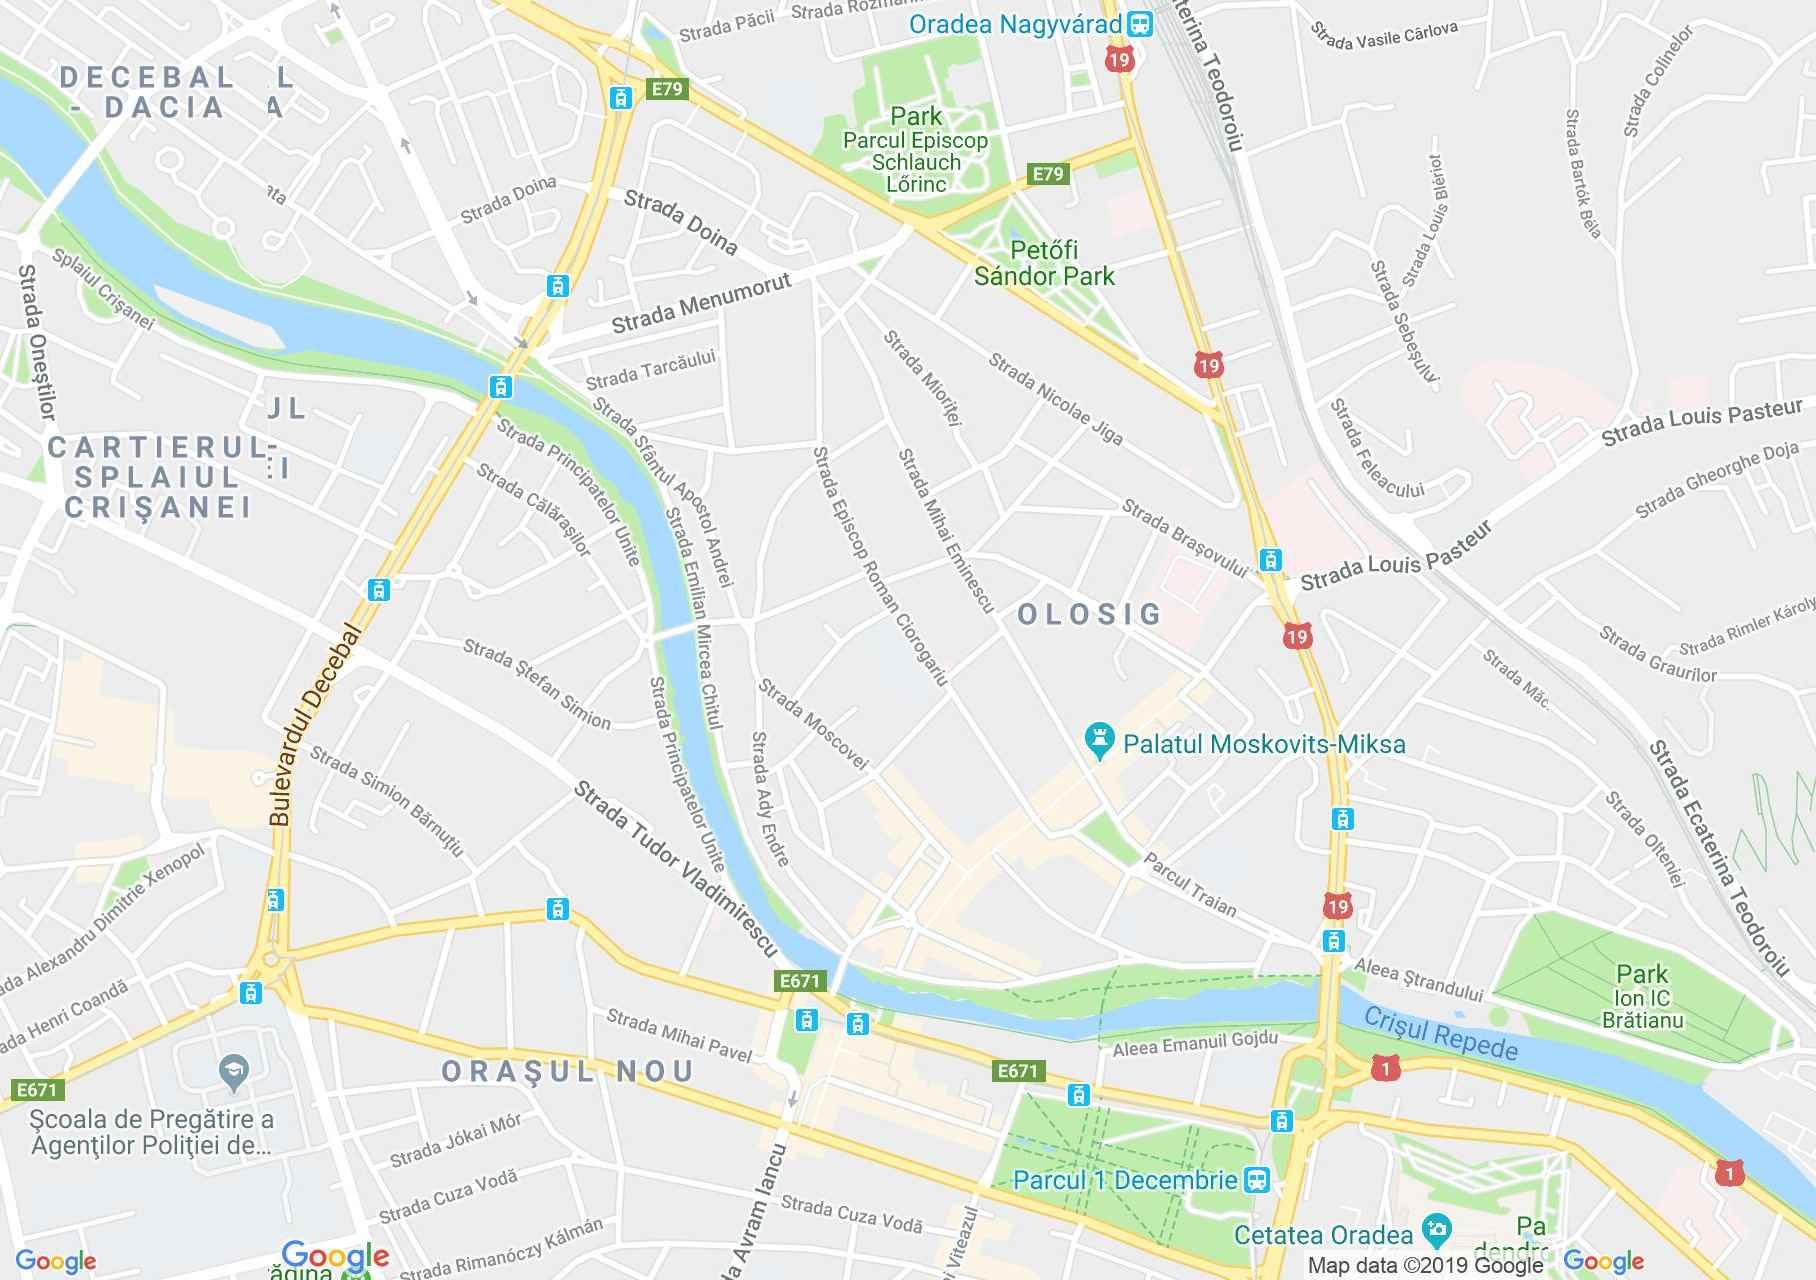 Nagyvárad: Poinar palota (térkép)